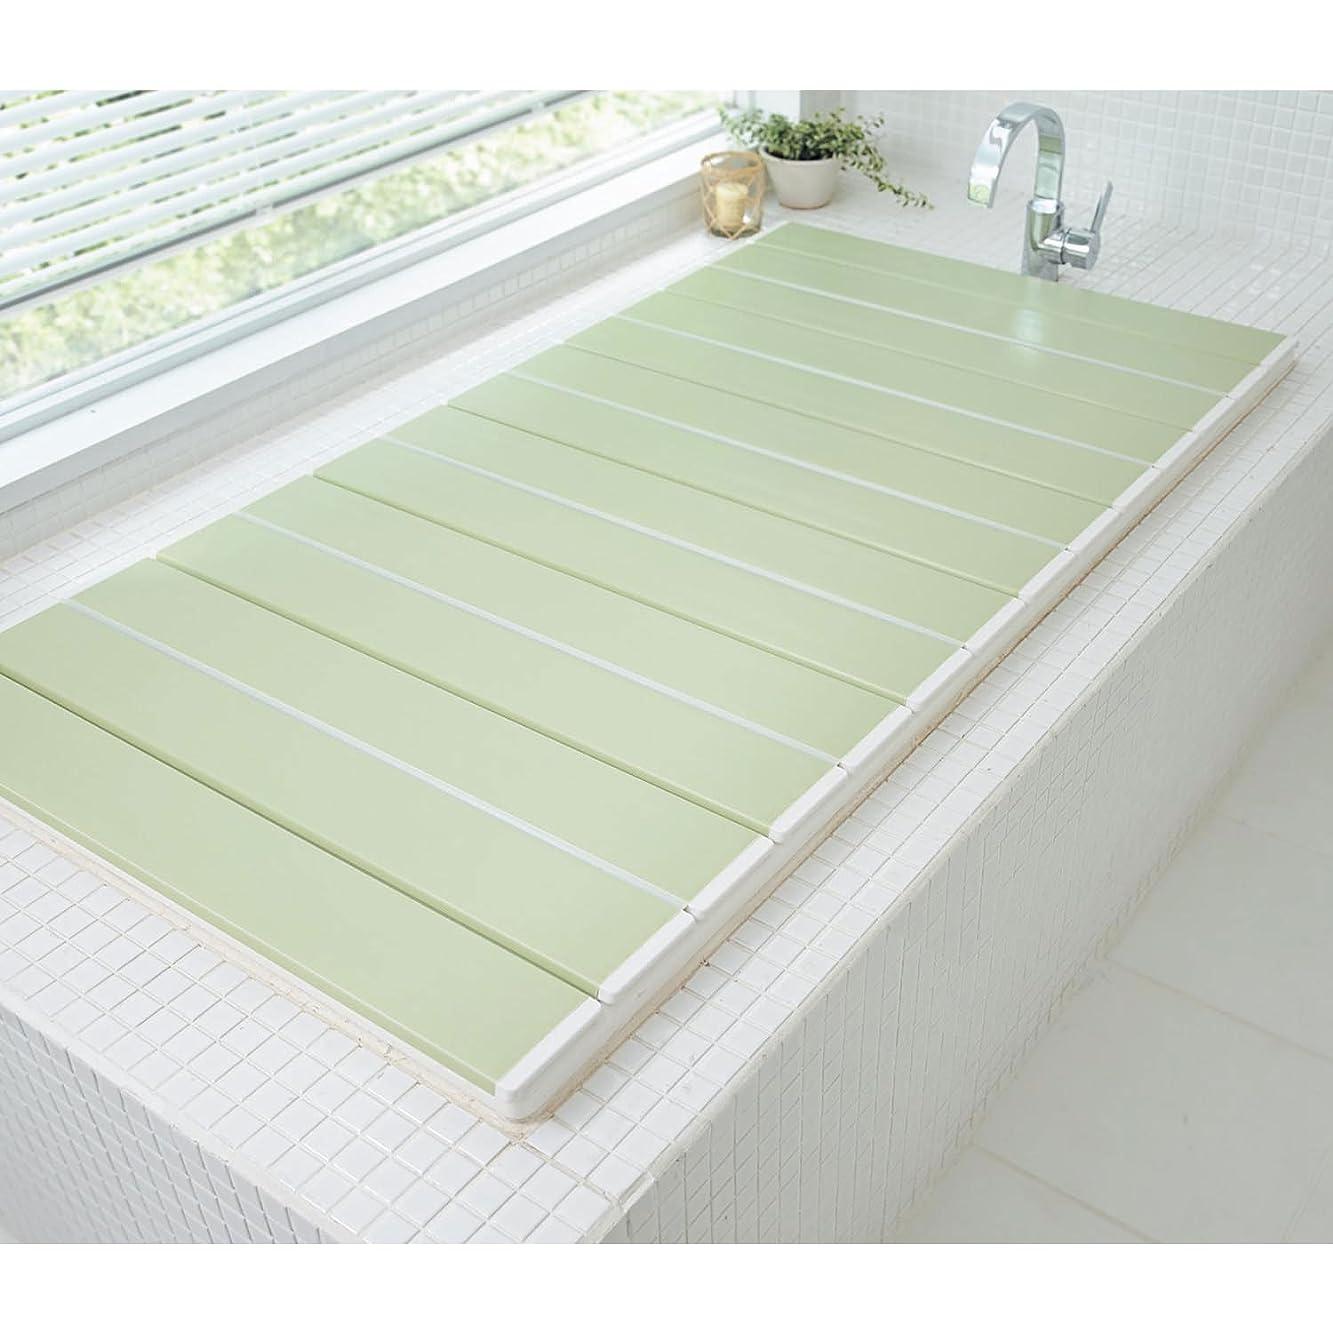 ゴールド感じ致死[ベルメゾン] 風呂ふた 防カビ 抗菌 折りたたみ コンパクト 日本製 グリーン 約75×109